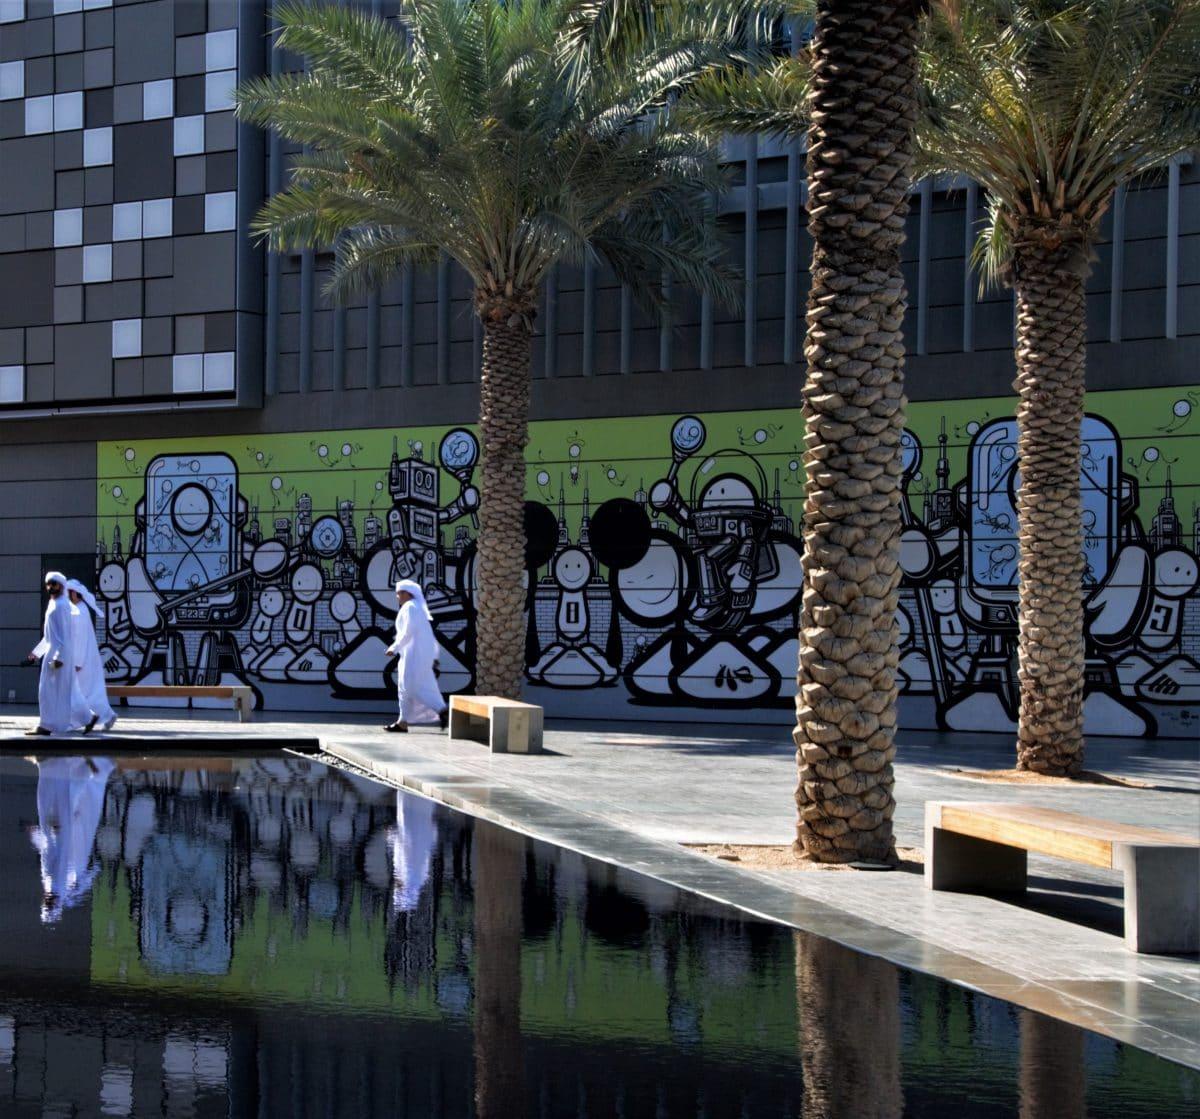 Finding the Best Dubai Street Art